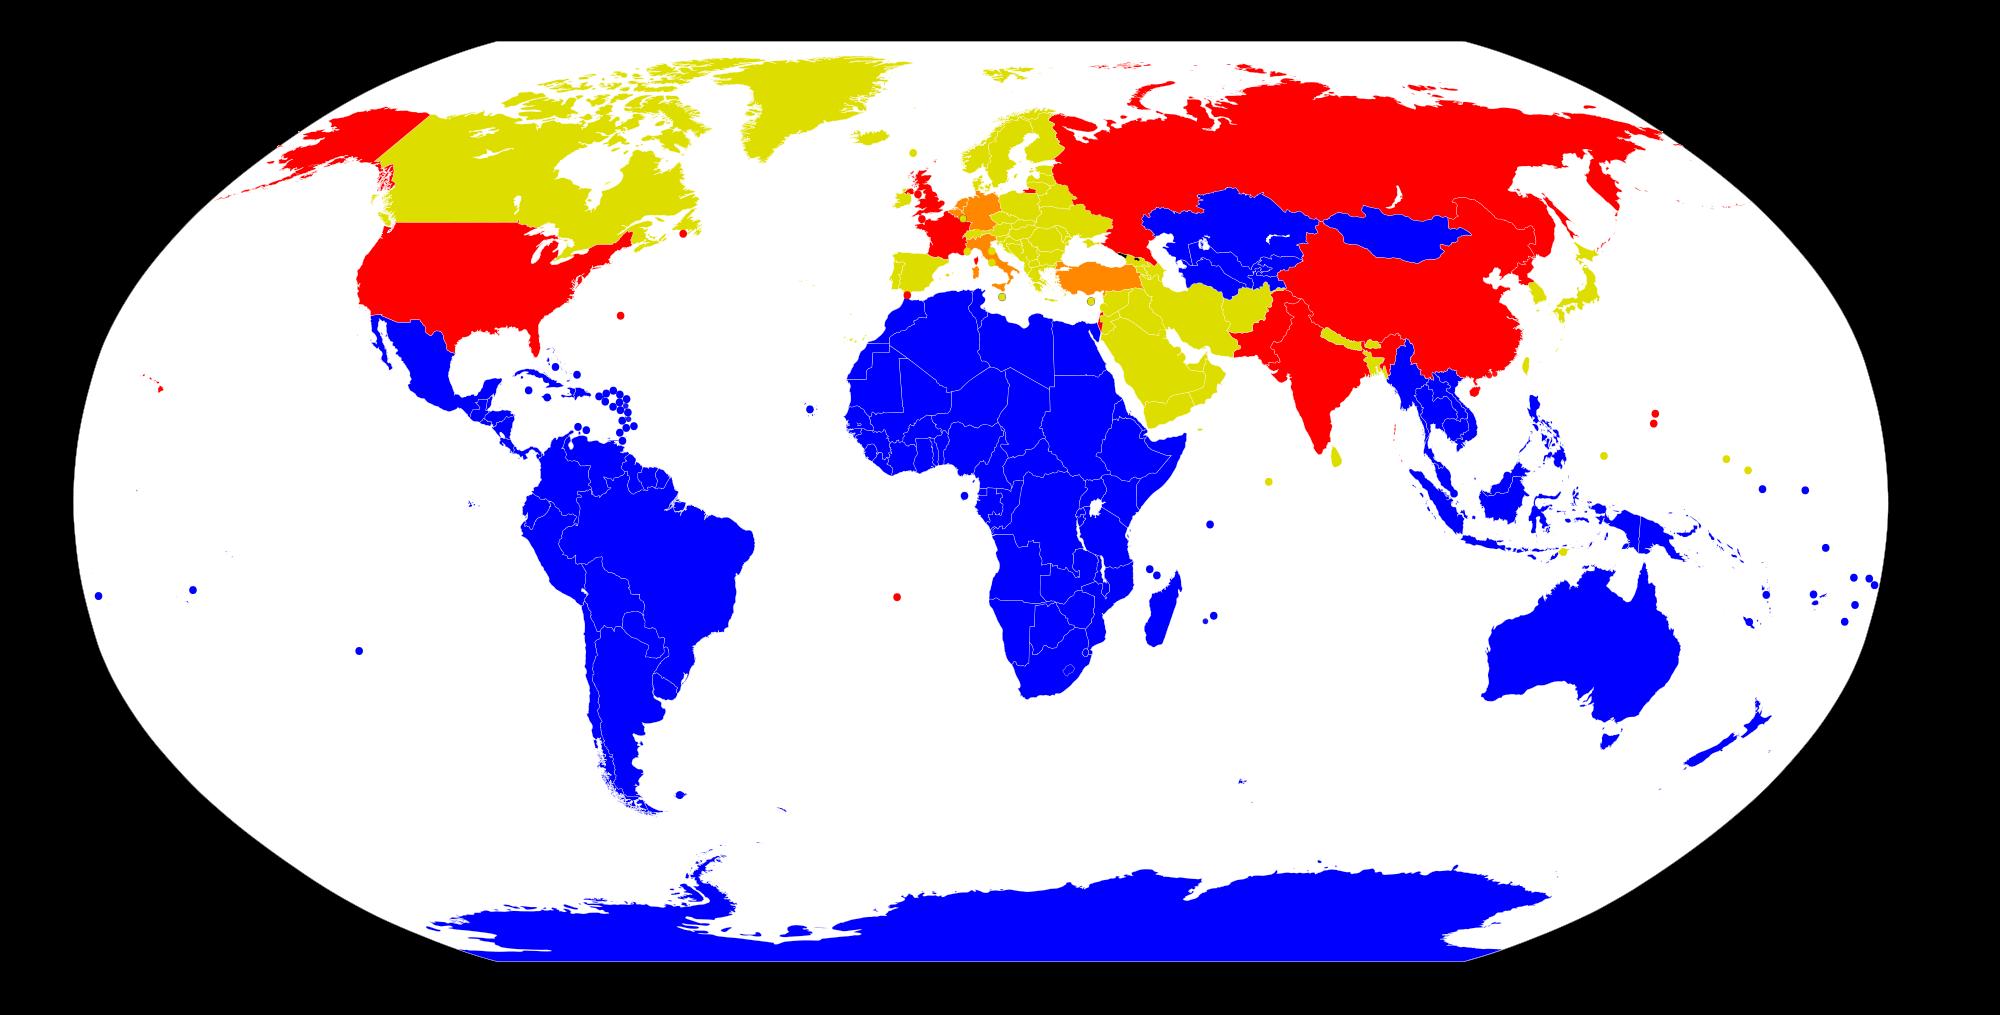 Países con armas nucleares (rojo), que alojan armas nucleares de otros países en su territorio (naranja) y libres de armas nucleares (azul)